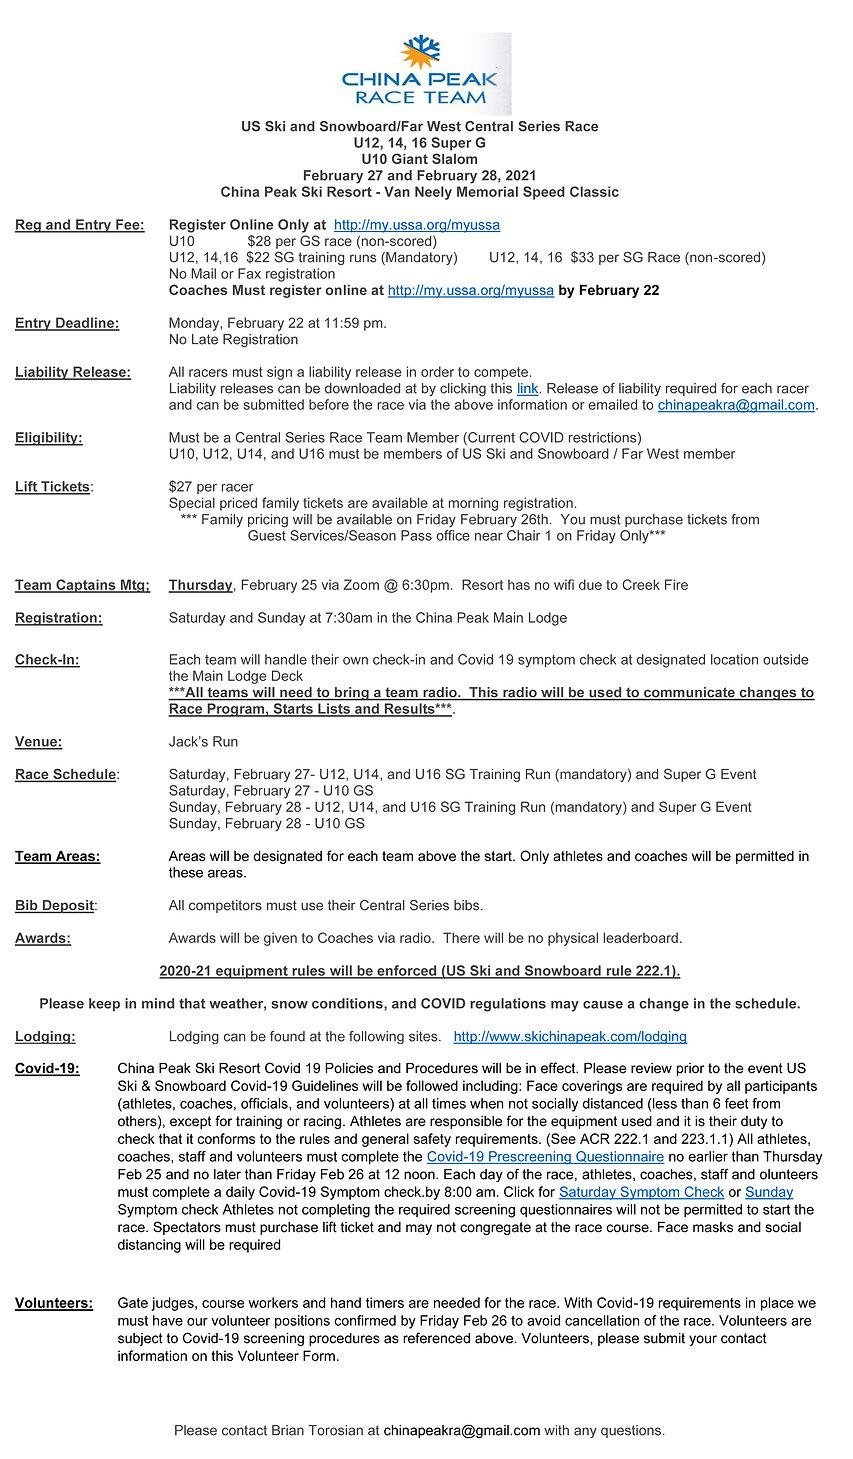 CPRT Race Announcement 2021 final-1.jpg